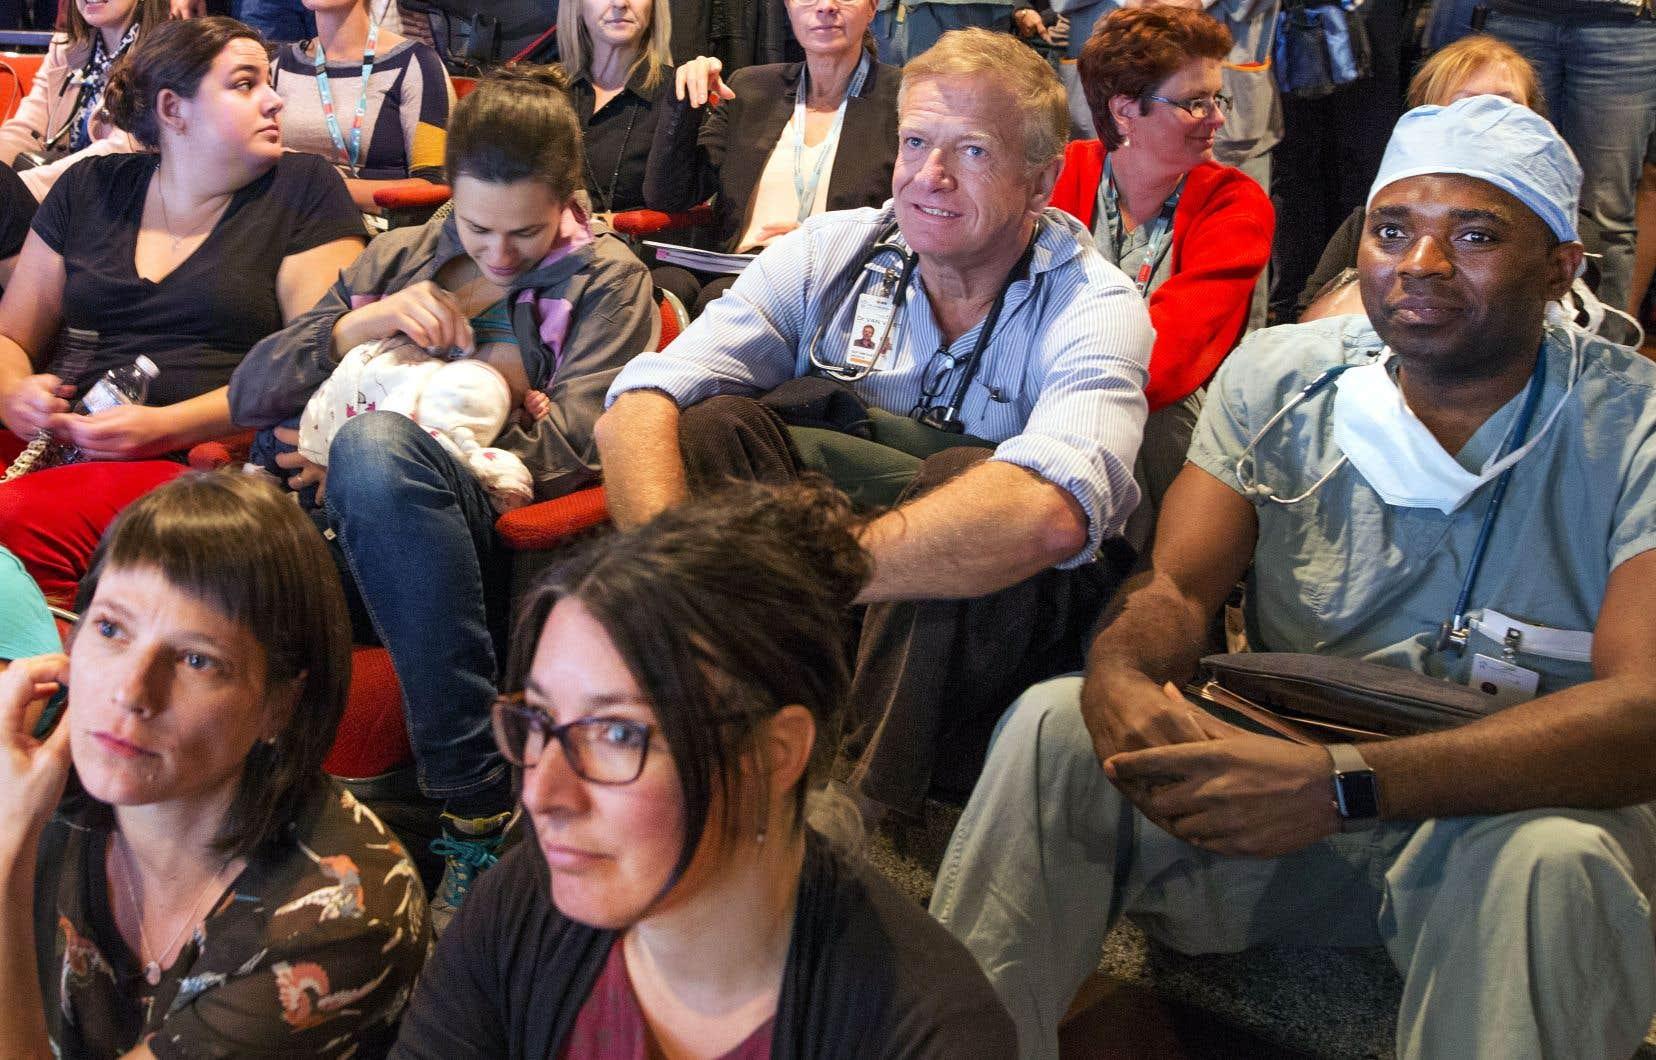 Les professionnels de l'hôpital Sainte-Justine se mobilisent pour empêcher la fusion de leur établissement avec le CHUM.